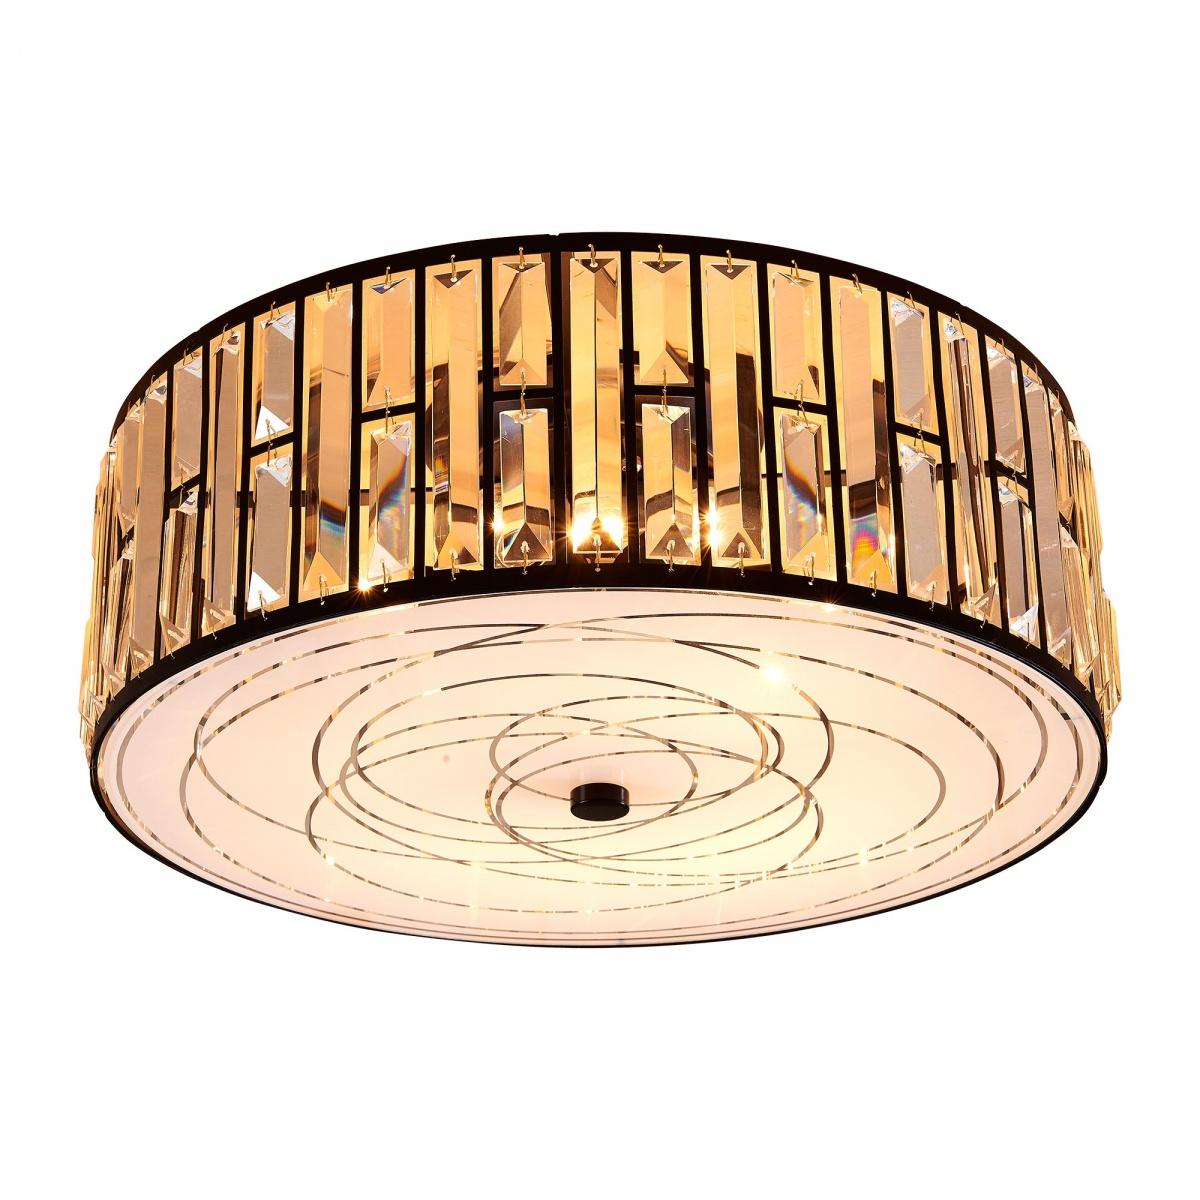 CITILUX CL331171 Потолочный светильник ГЕРМЕС 7x100W E27